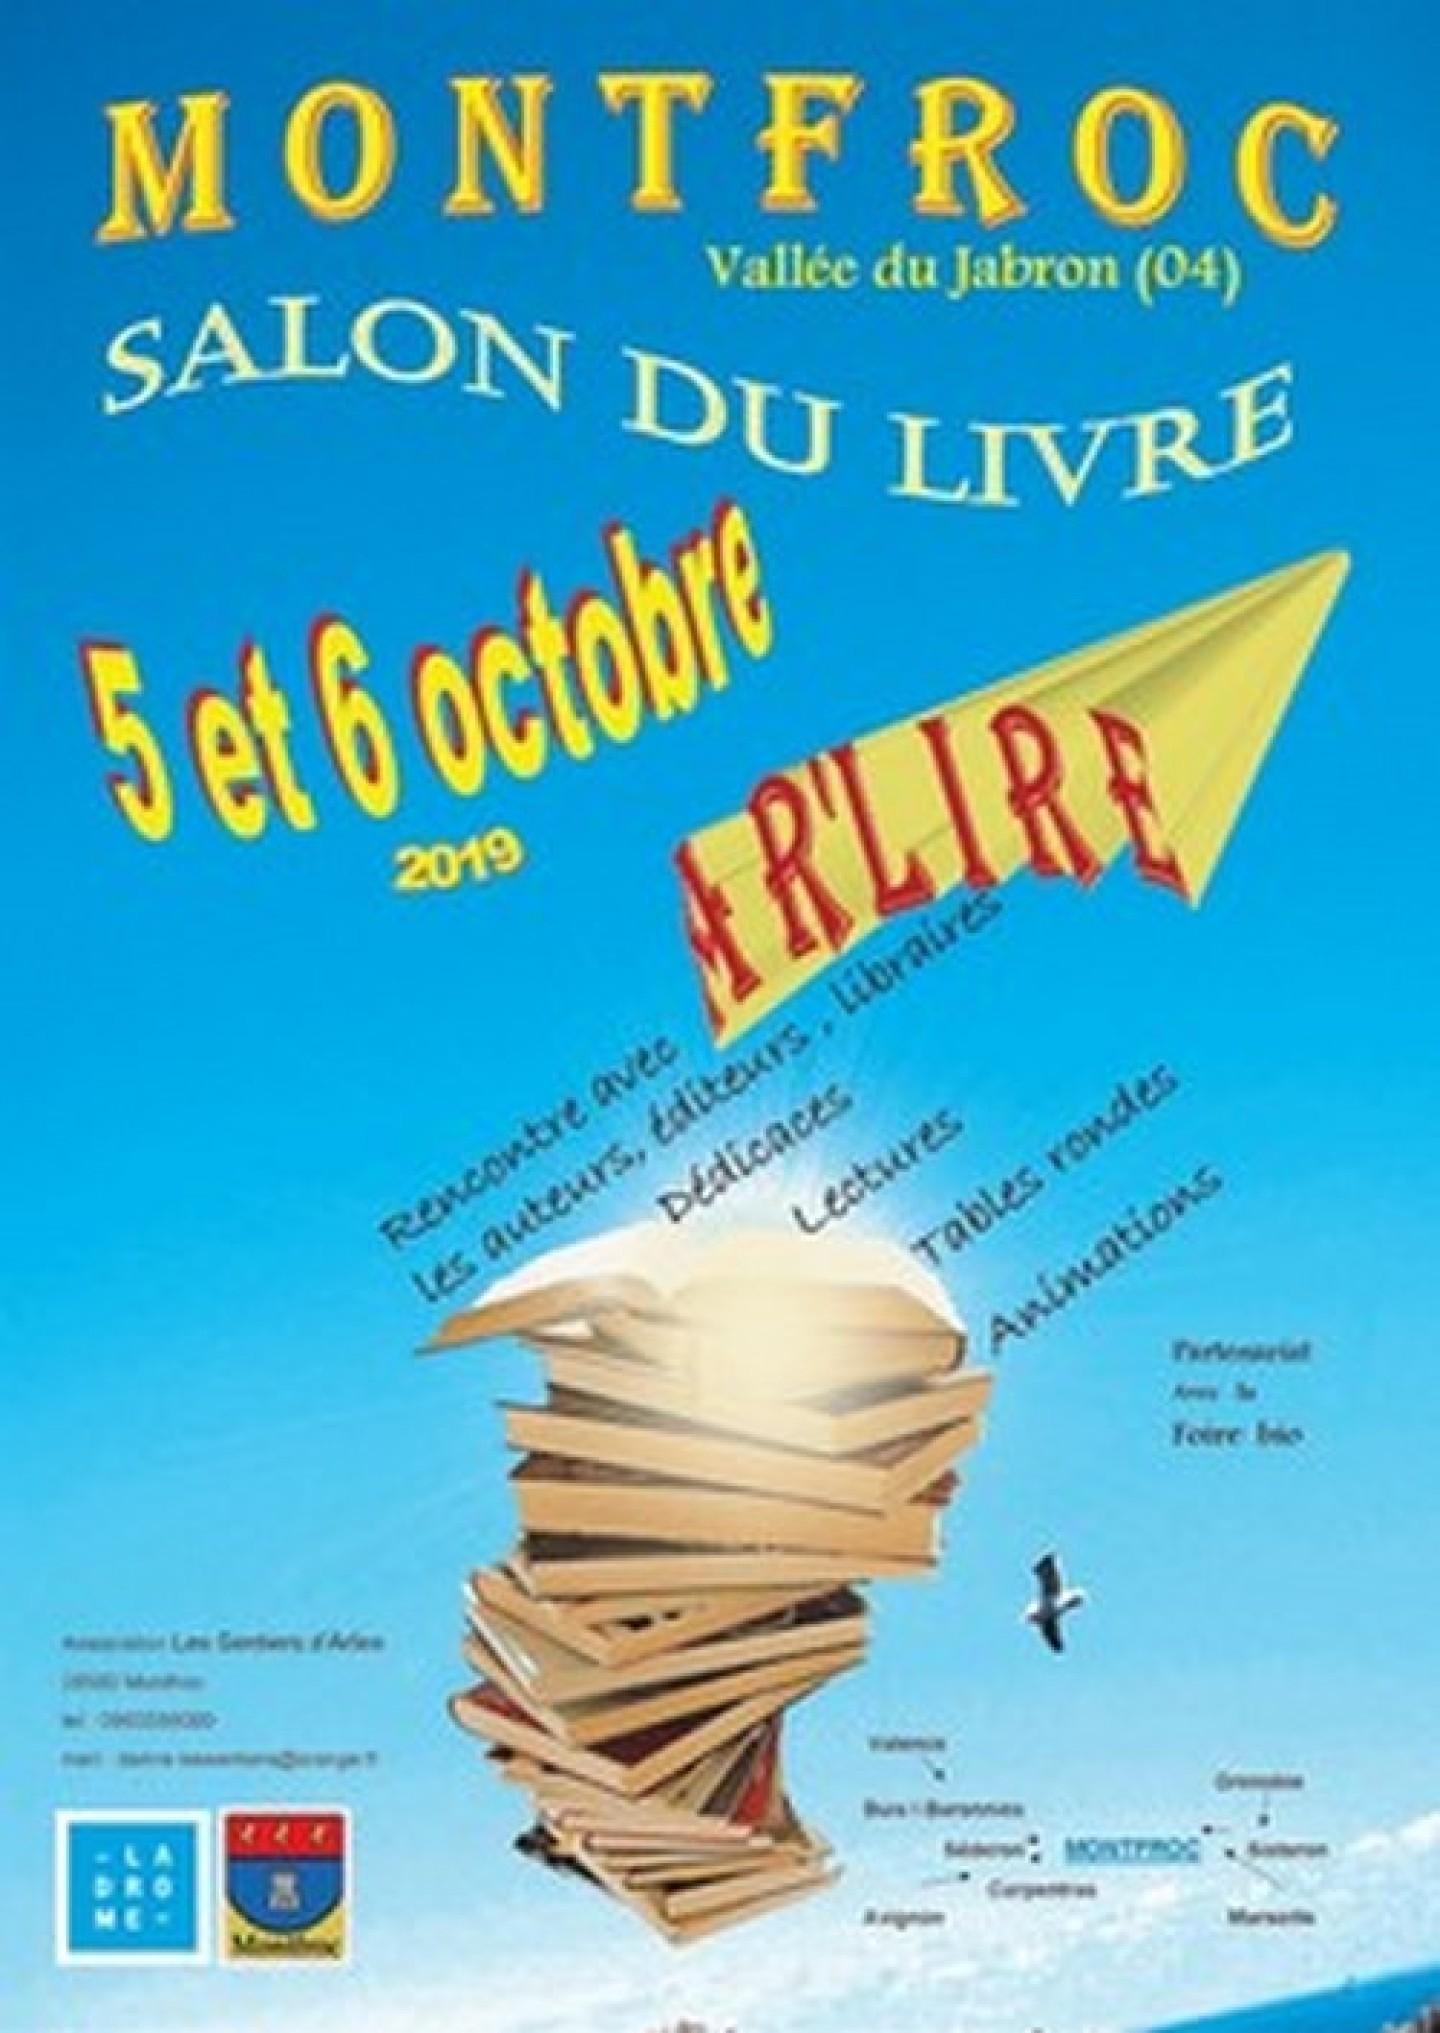 Festival Ar'lire 5 et 6 octobre 2019 à Montfroc